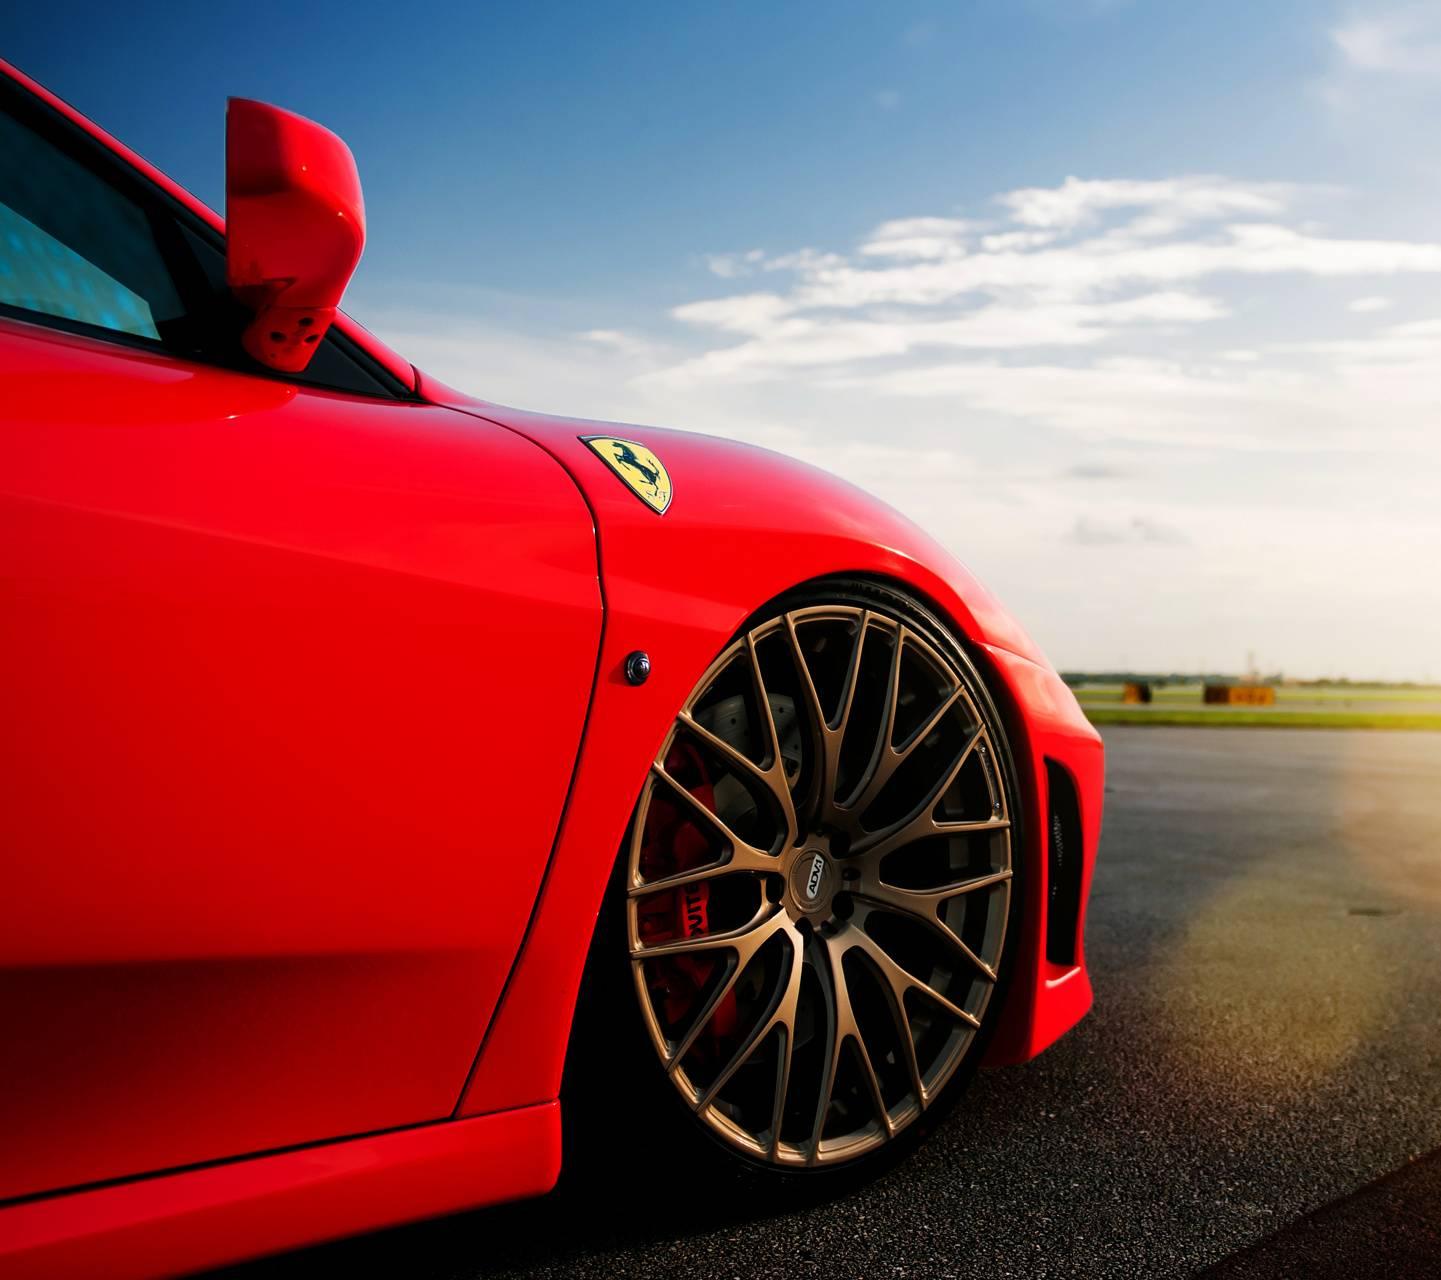 Ferrari HD